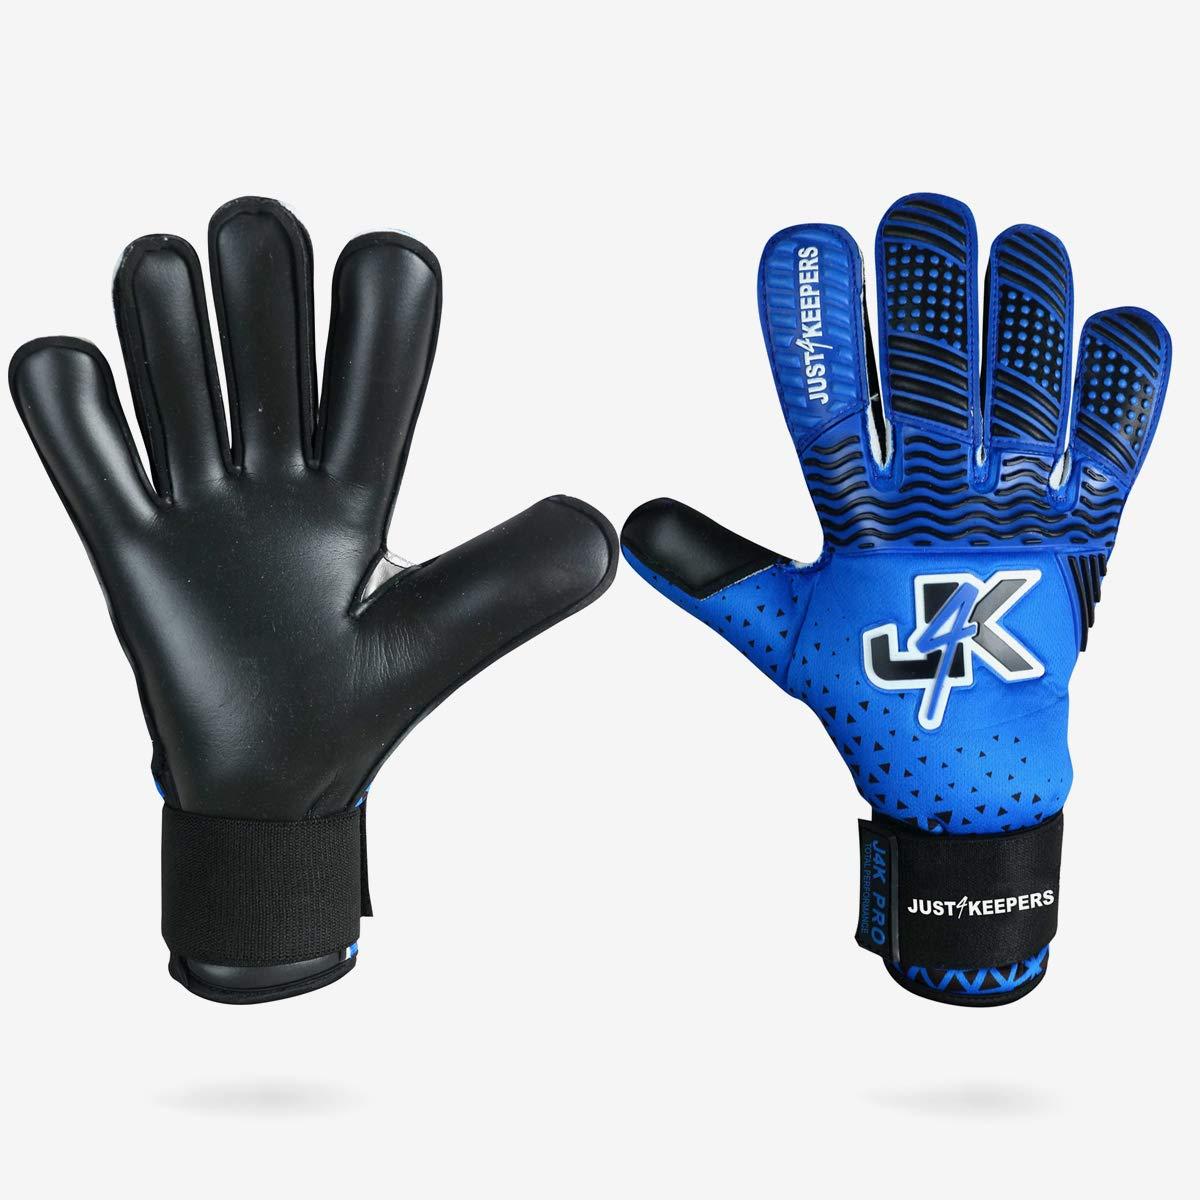 J4K Revo ハイブリッド (ロール+フラットパーム) ゴールキーパー サッカーゴールキーパーグローブ (サイズ10)   B07L4H5WD5